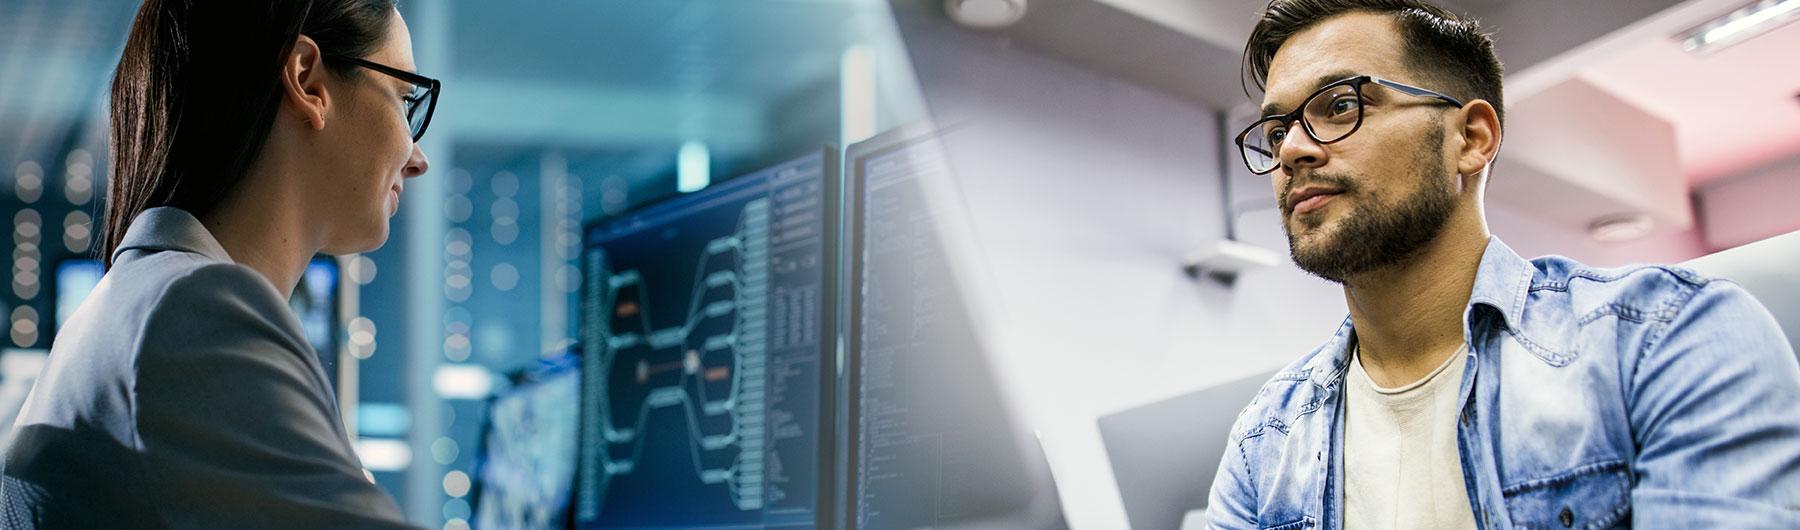 Data Management & Analytics Bachelor's Program